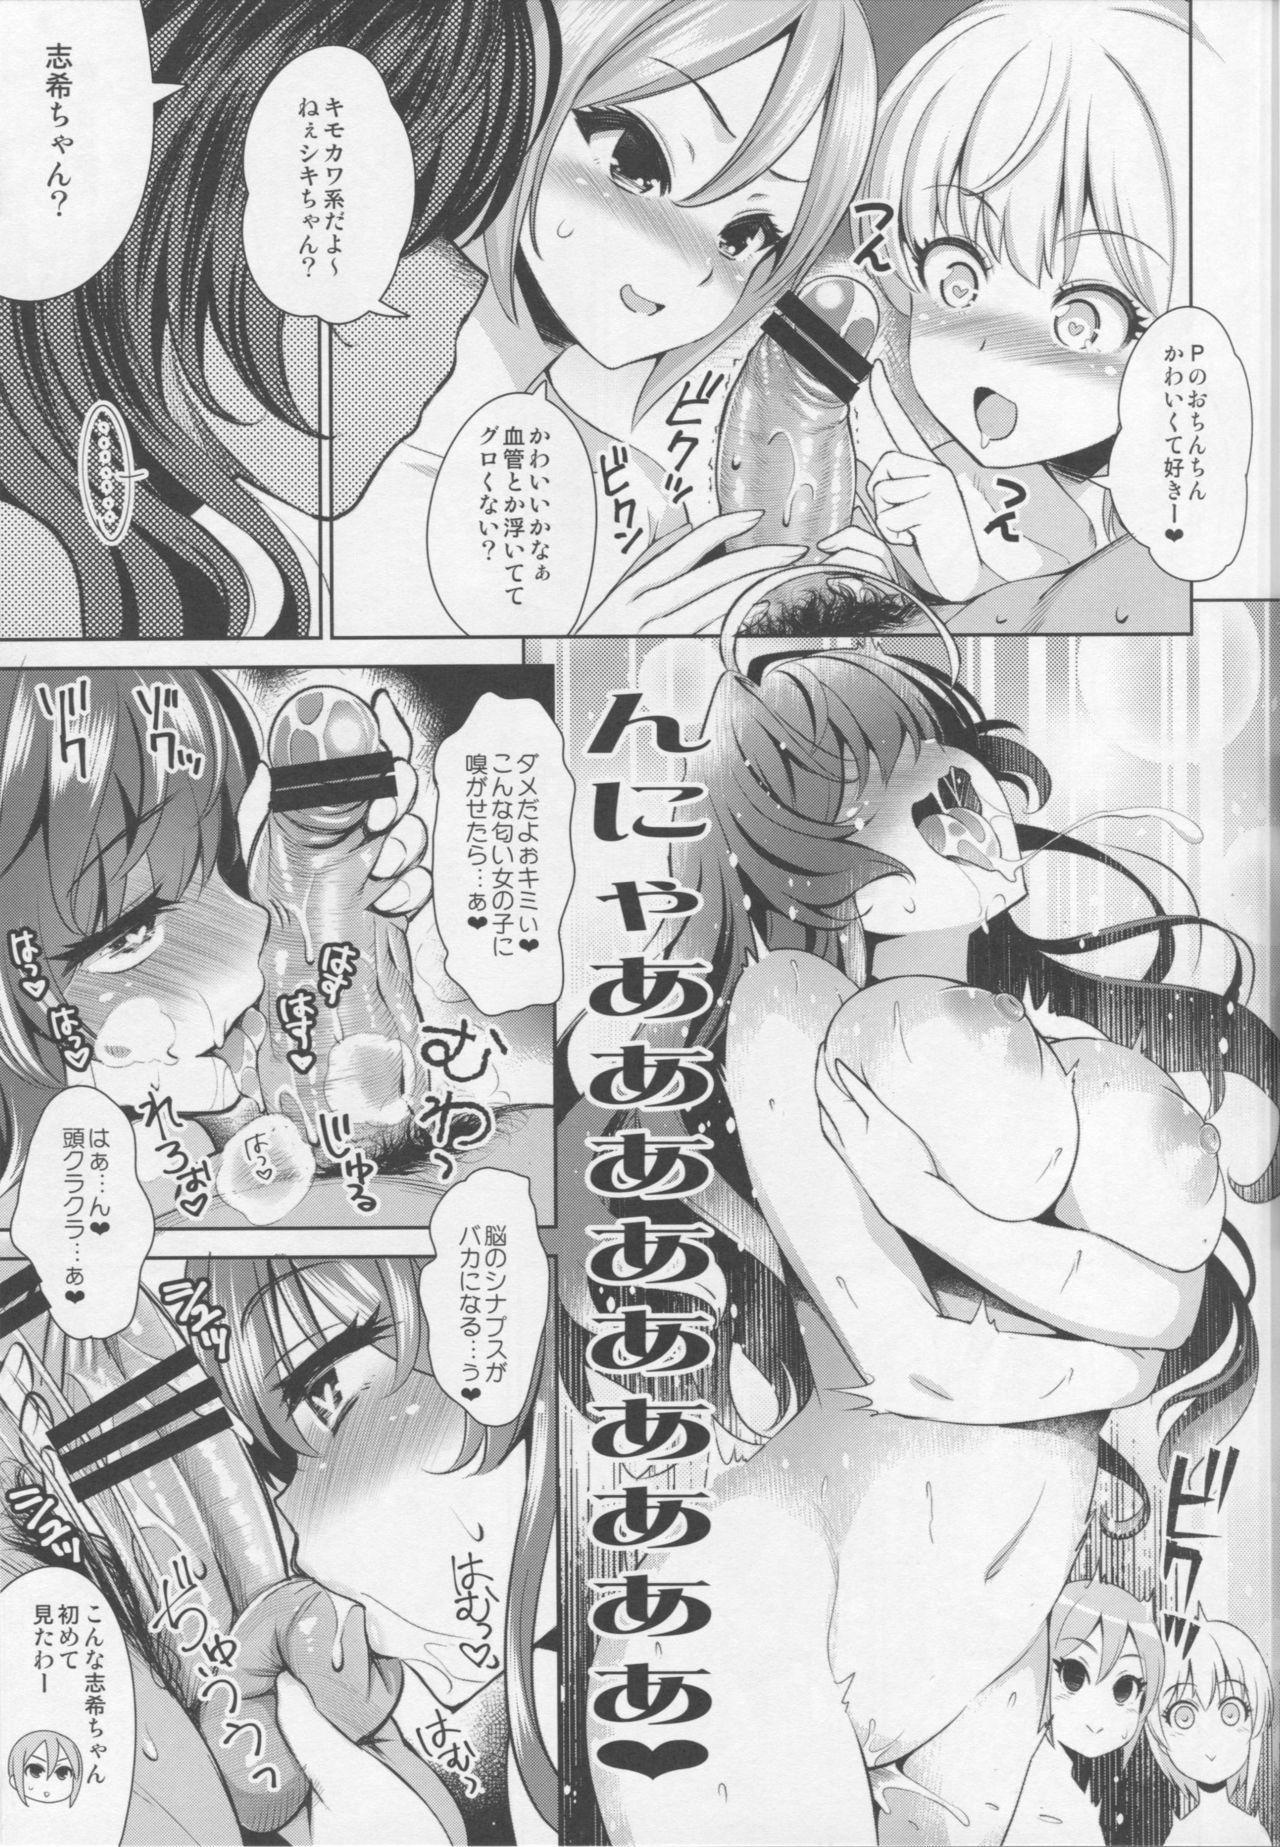 Yuuwaku Terror 9